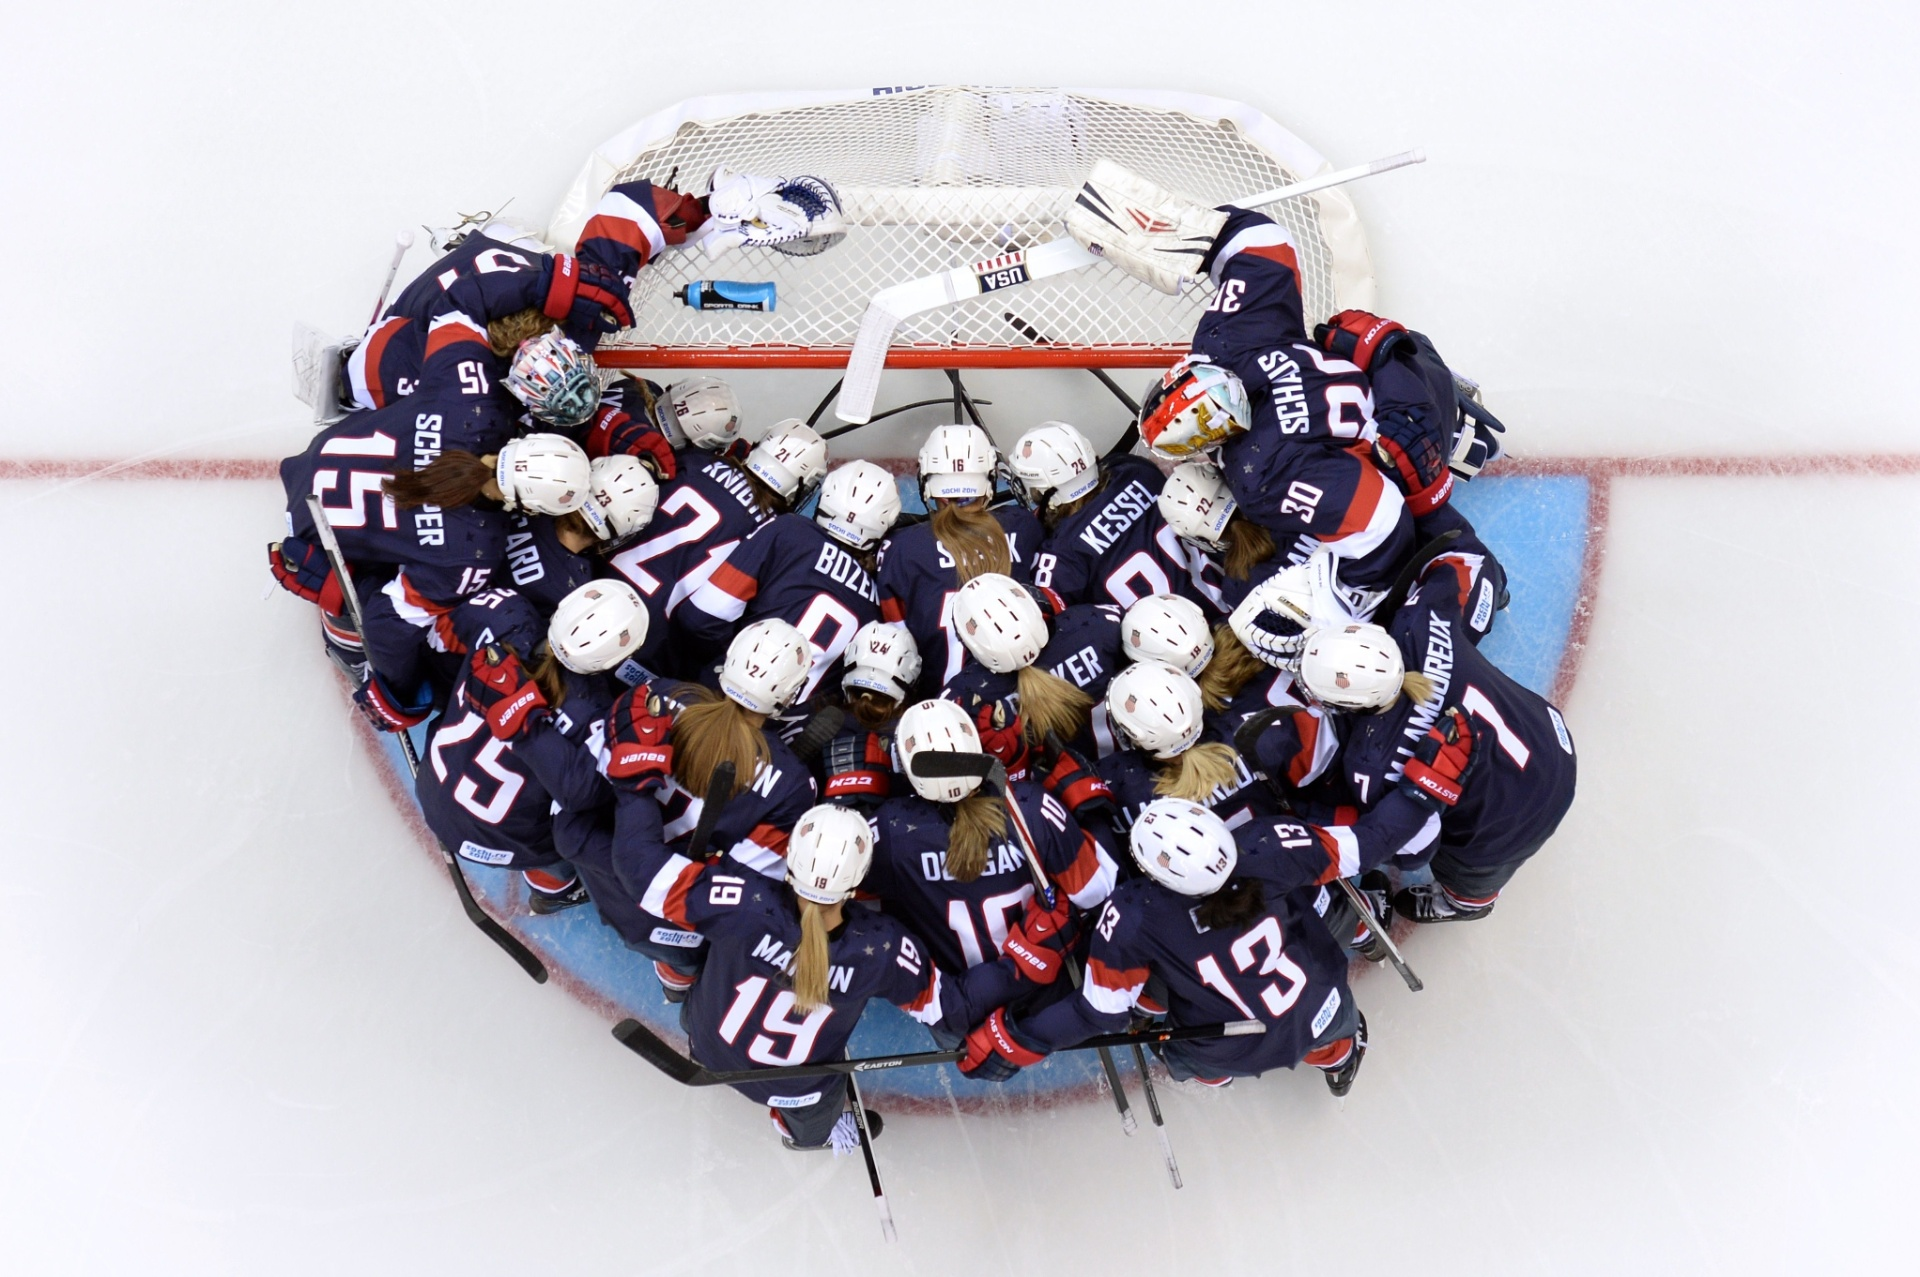 08.02.2014 - Jogadoras de hóquei dos Estados Unidos se concentram ao redor do gol